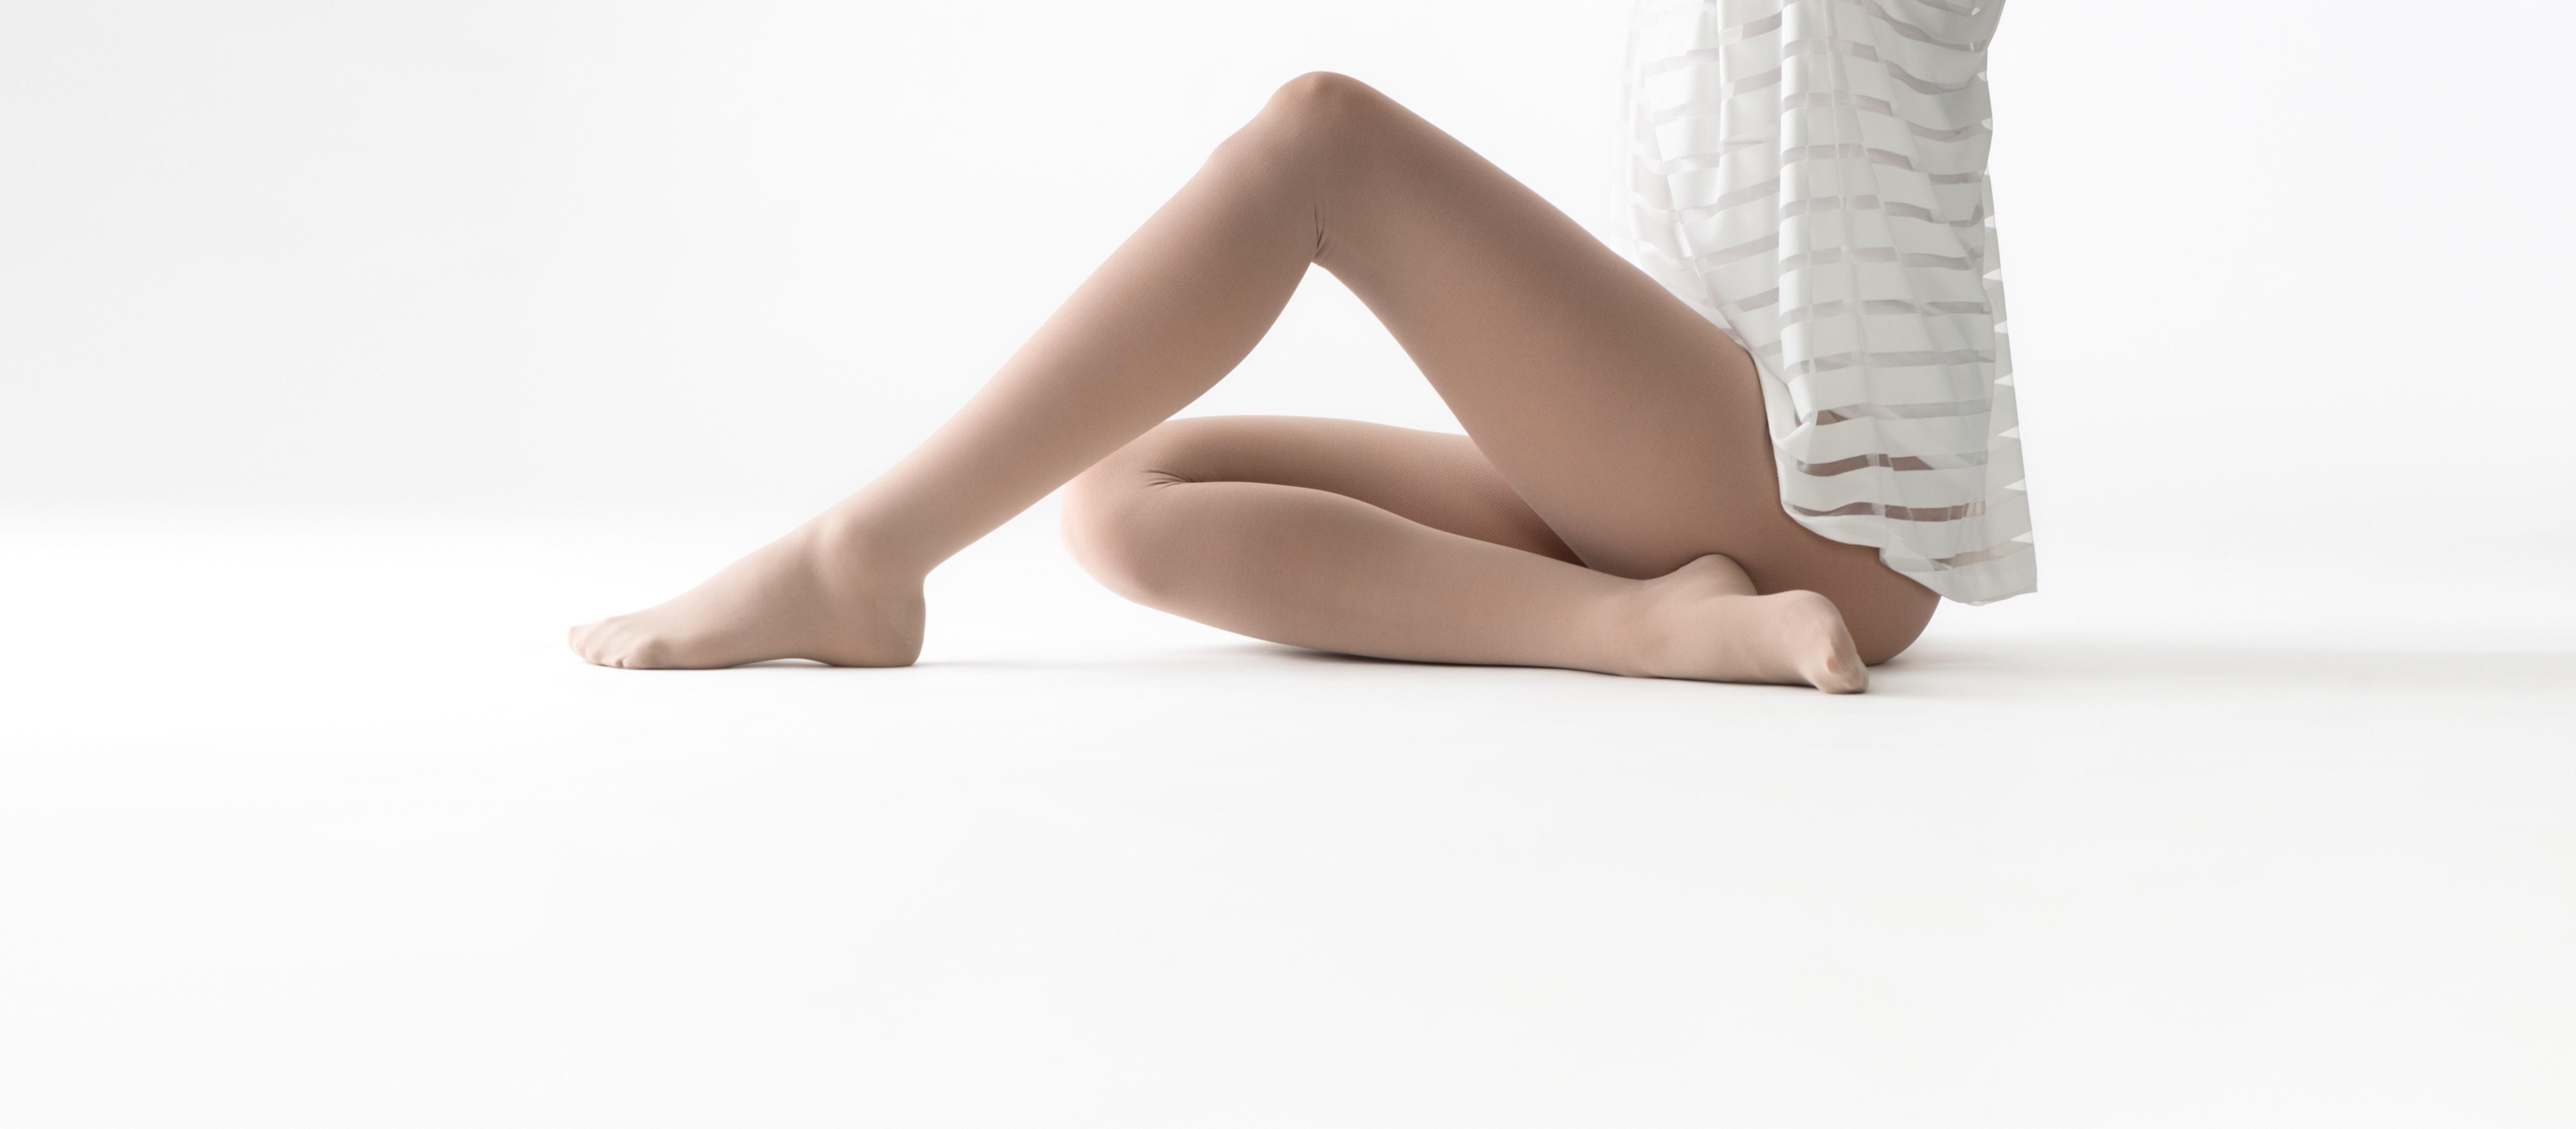 select_comfort_premium_panty_natural_pk09187_1